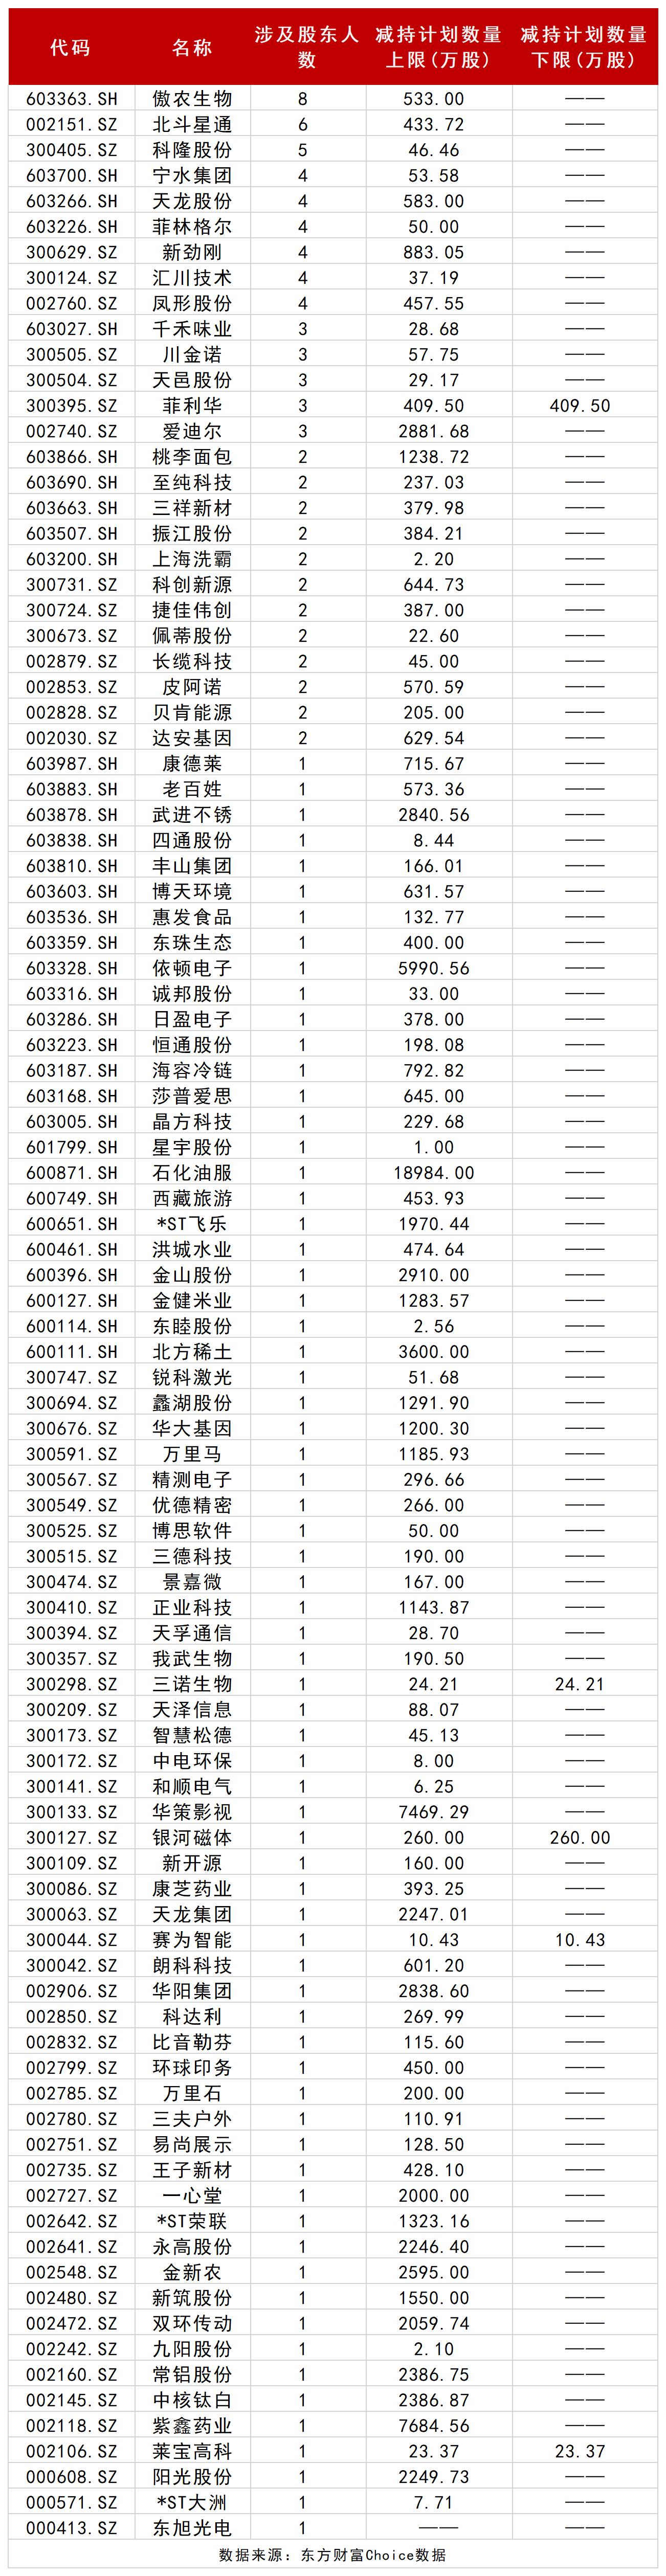 但天广中茂发布公告后不久!金健米业股票